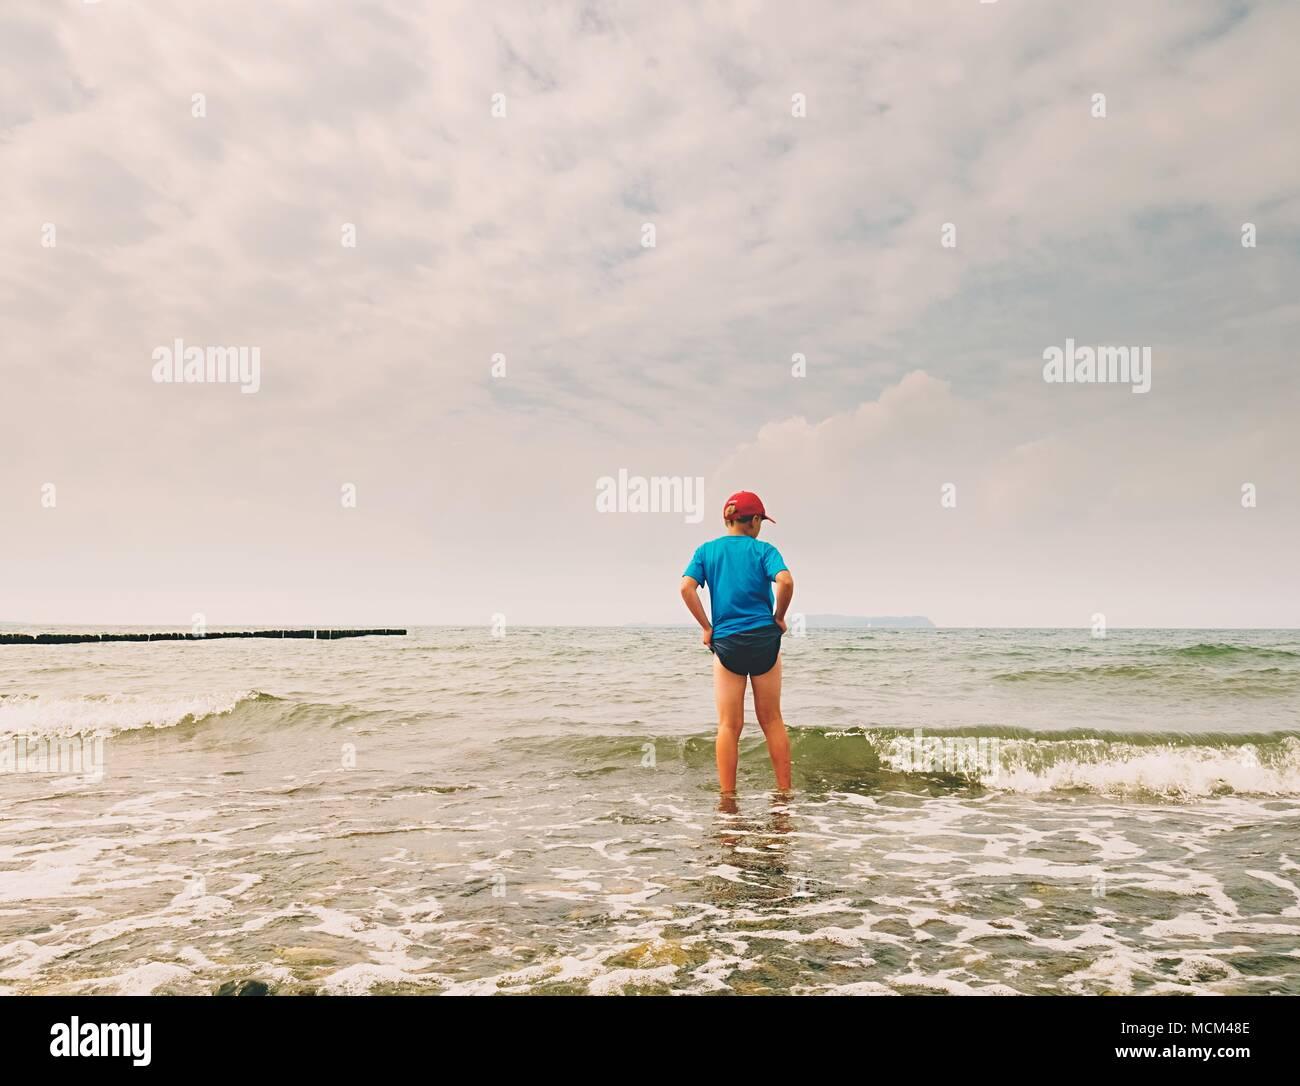 Les enfants sur la plage rendez-vous dans l'océan. Kid jouer dans les vagues de la mer mousseuse. Photo Stock